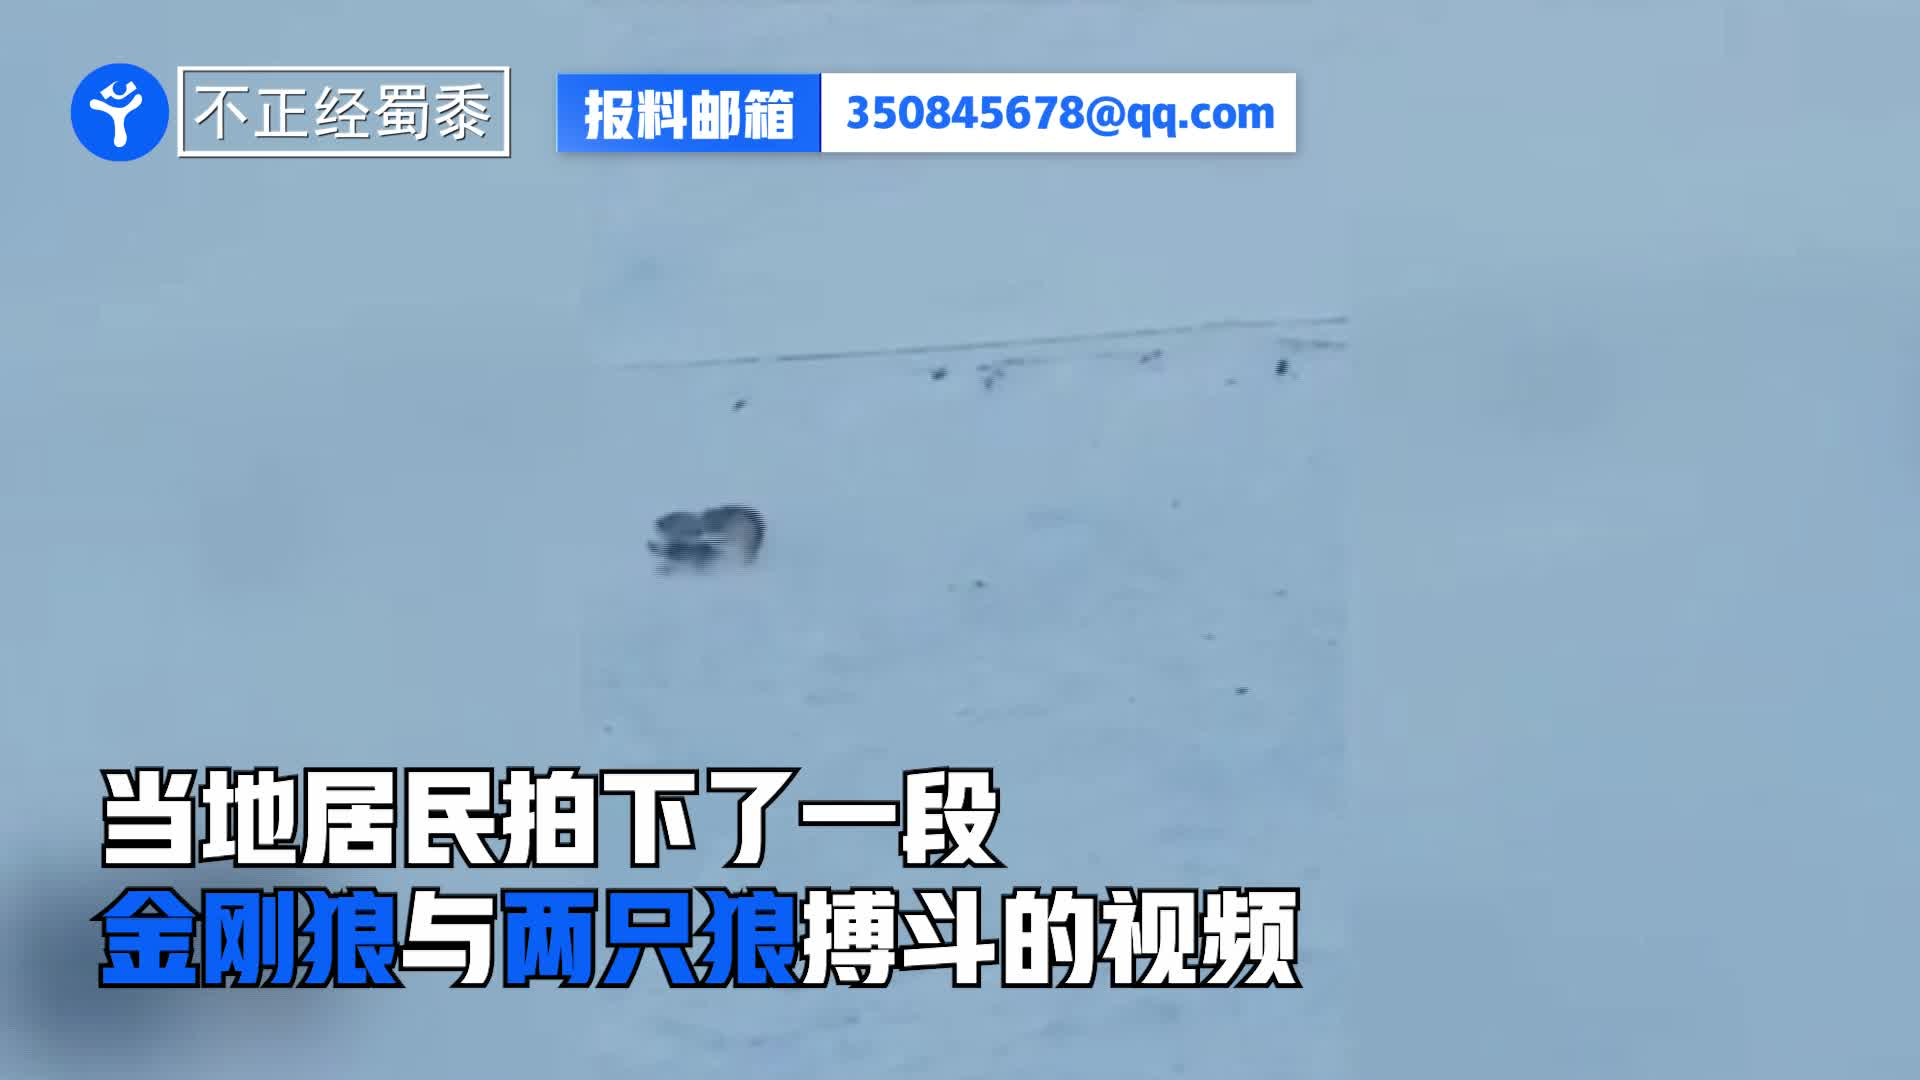 貂熊在雪原上主动向2只狼挑起战斗:请叫我金刚狼!